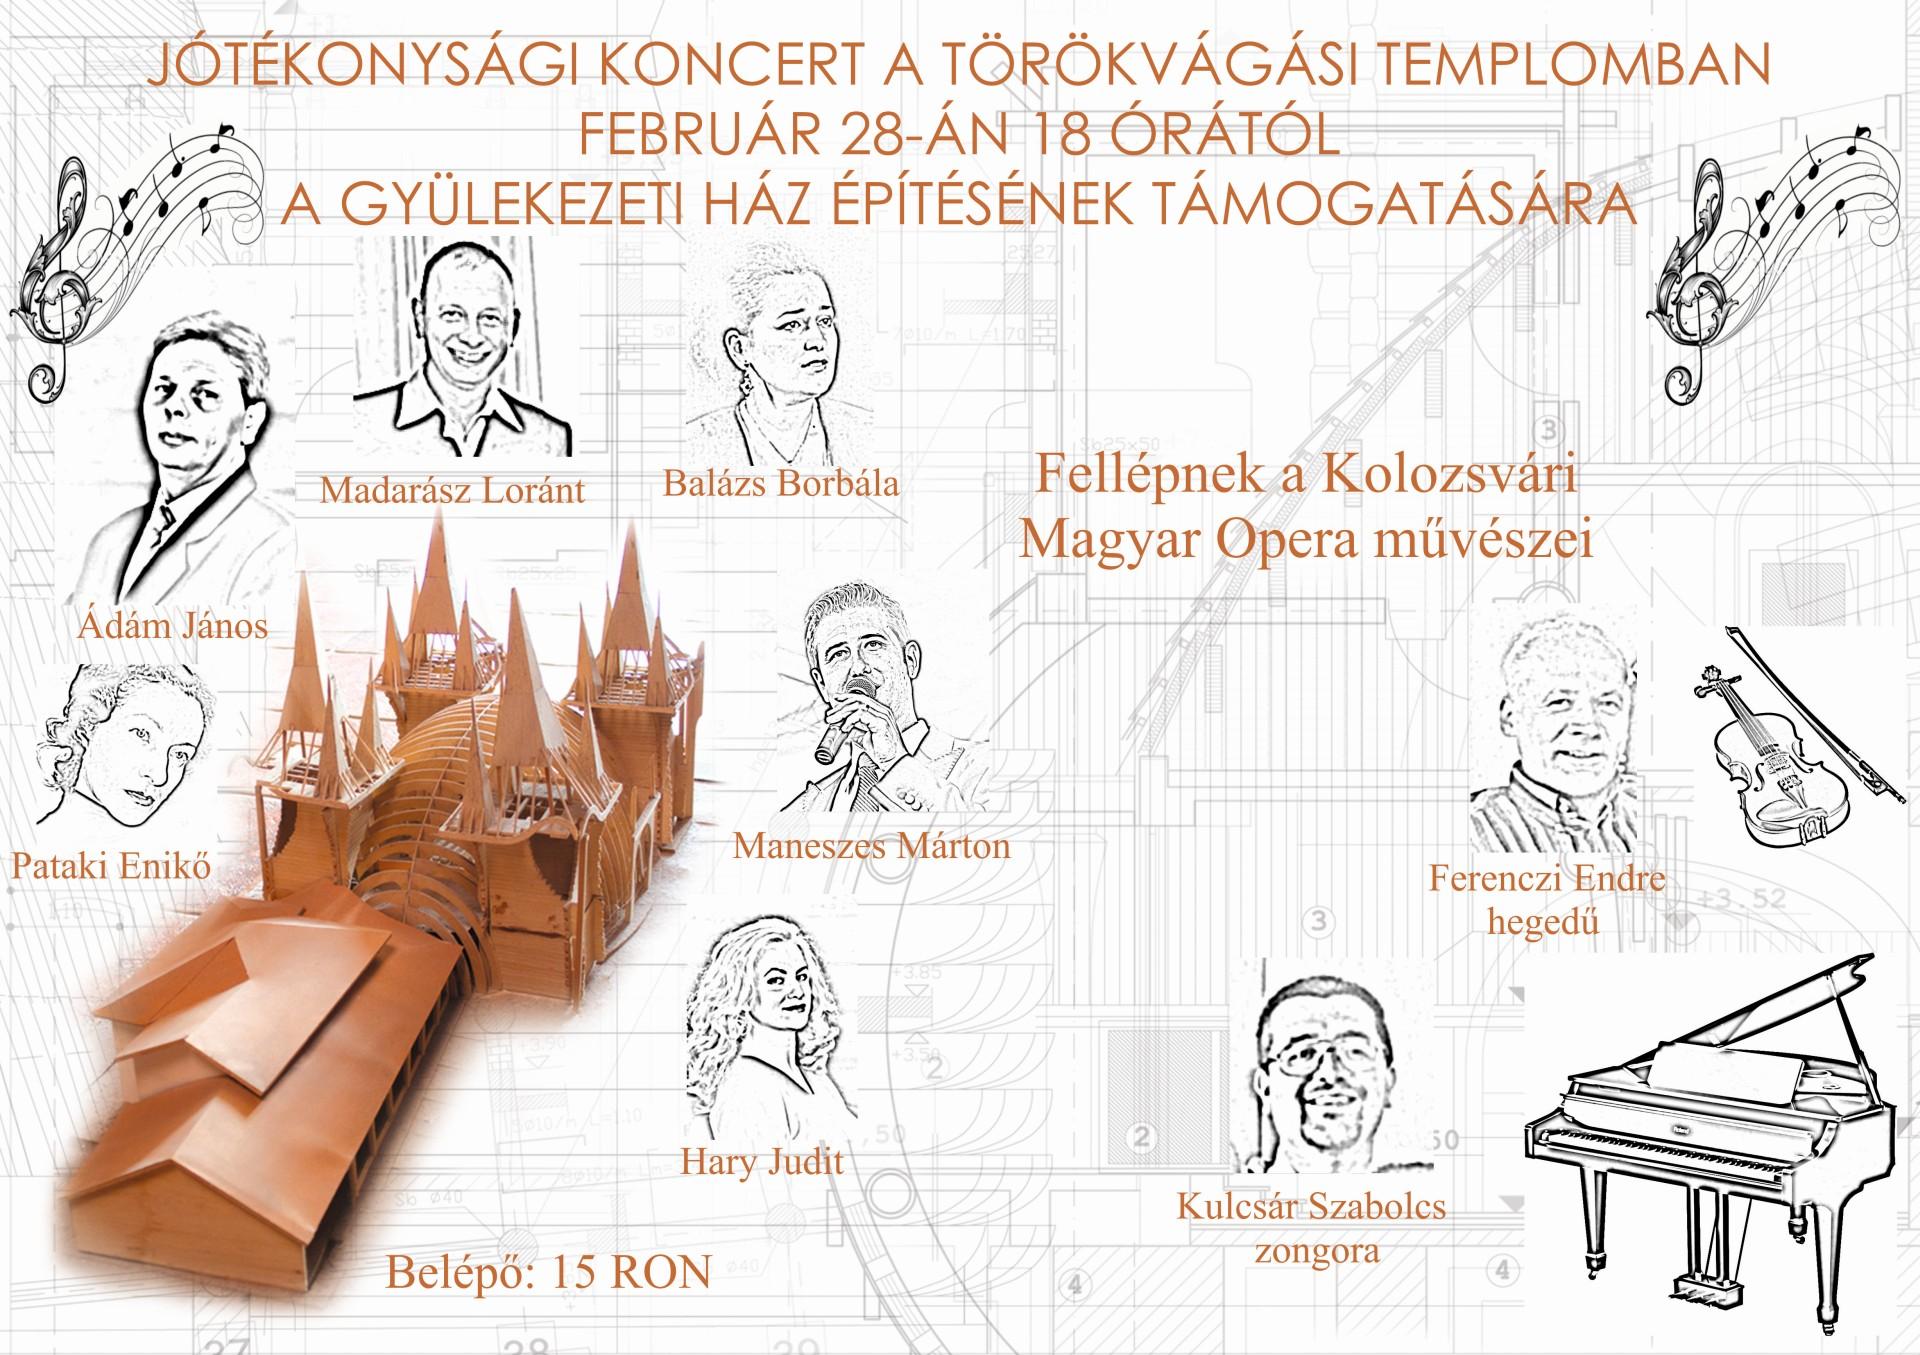 Jótékonysági koncert a törökvágási gyülekezeti ház építésének támogatására